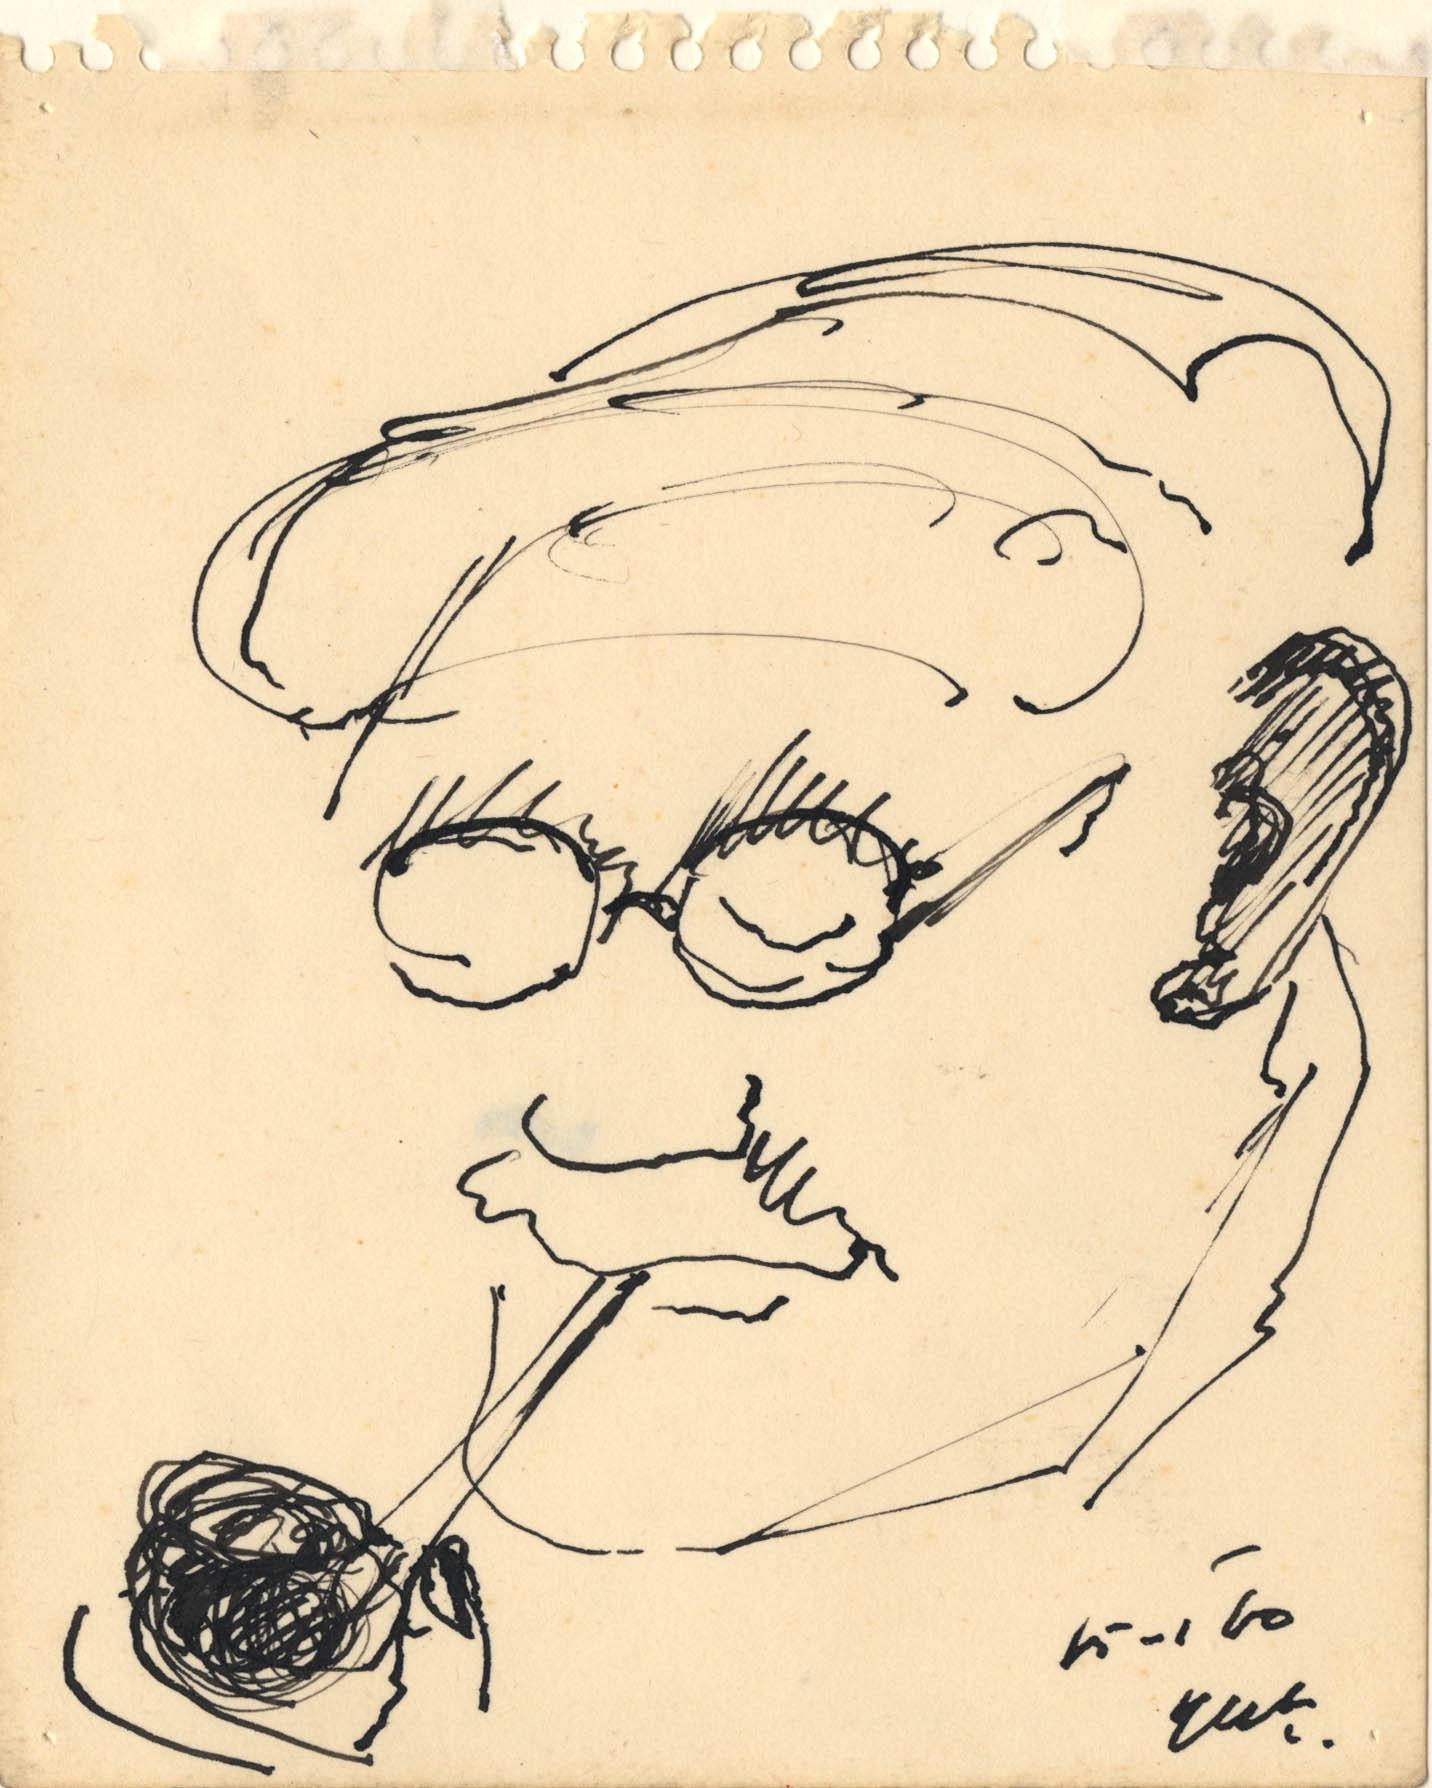 Het portret van een man, hij draagt een pet en een bril